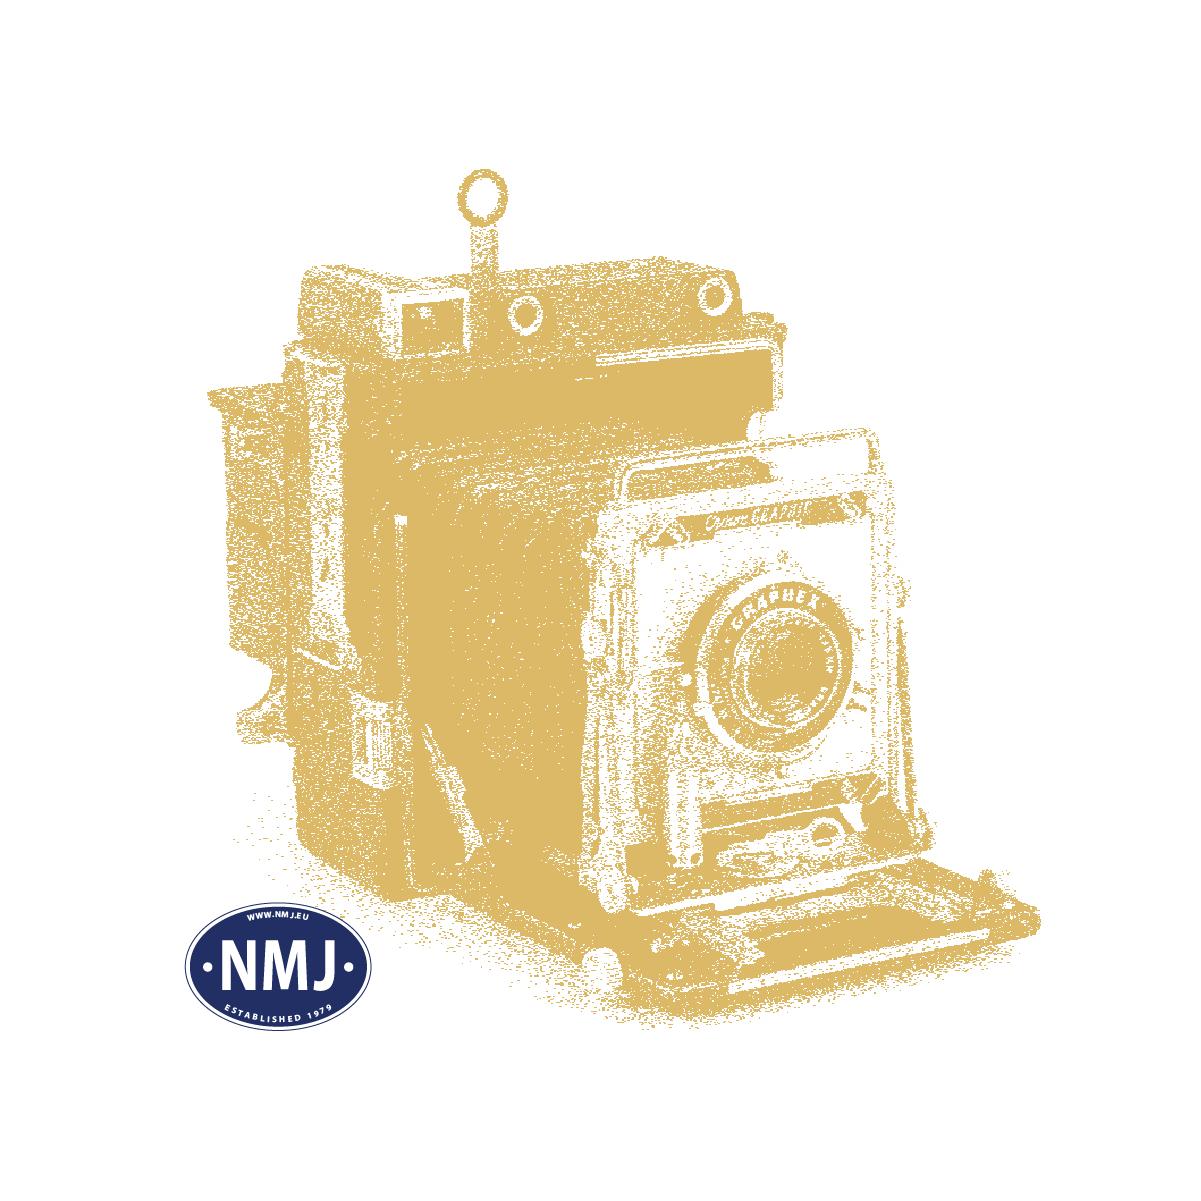 NMJT84.102 - NMJ Topline NSB BM69A.07, redbrown, mit schwarzen Türen DC